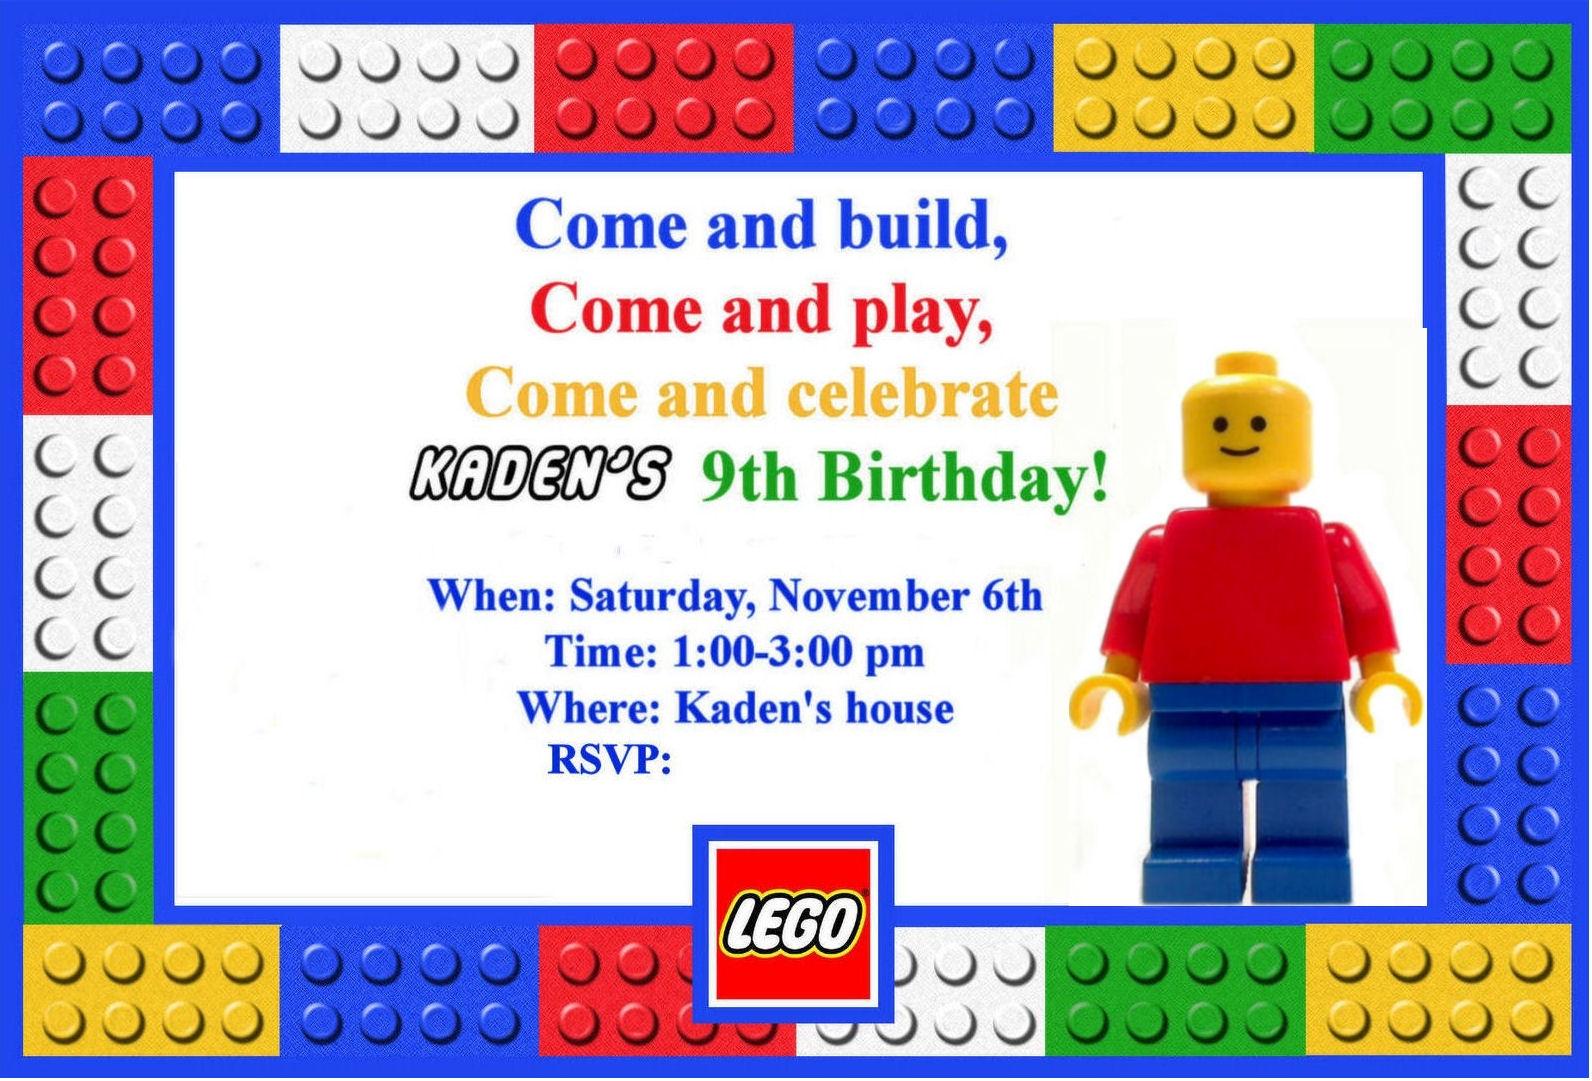 Lego clipart birthday card Lego Birthday LEGO 7 Zone